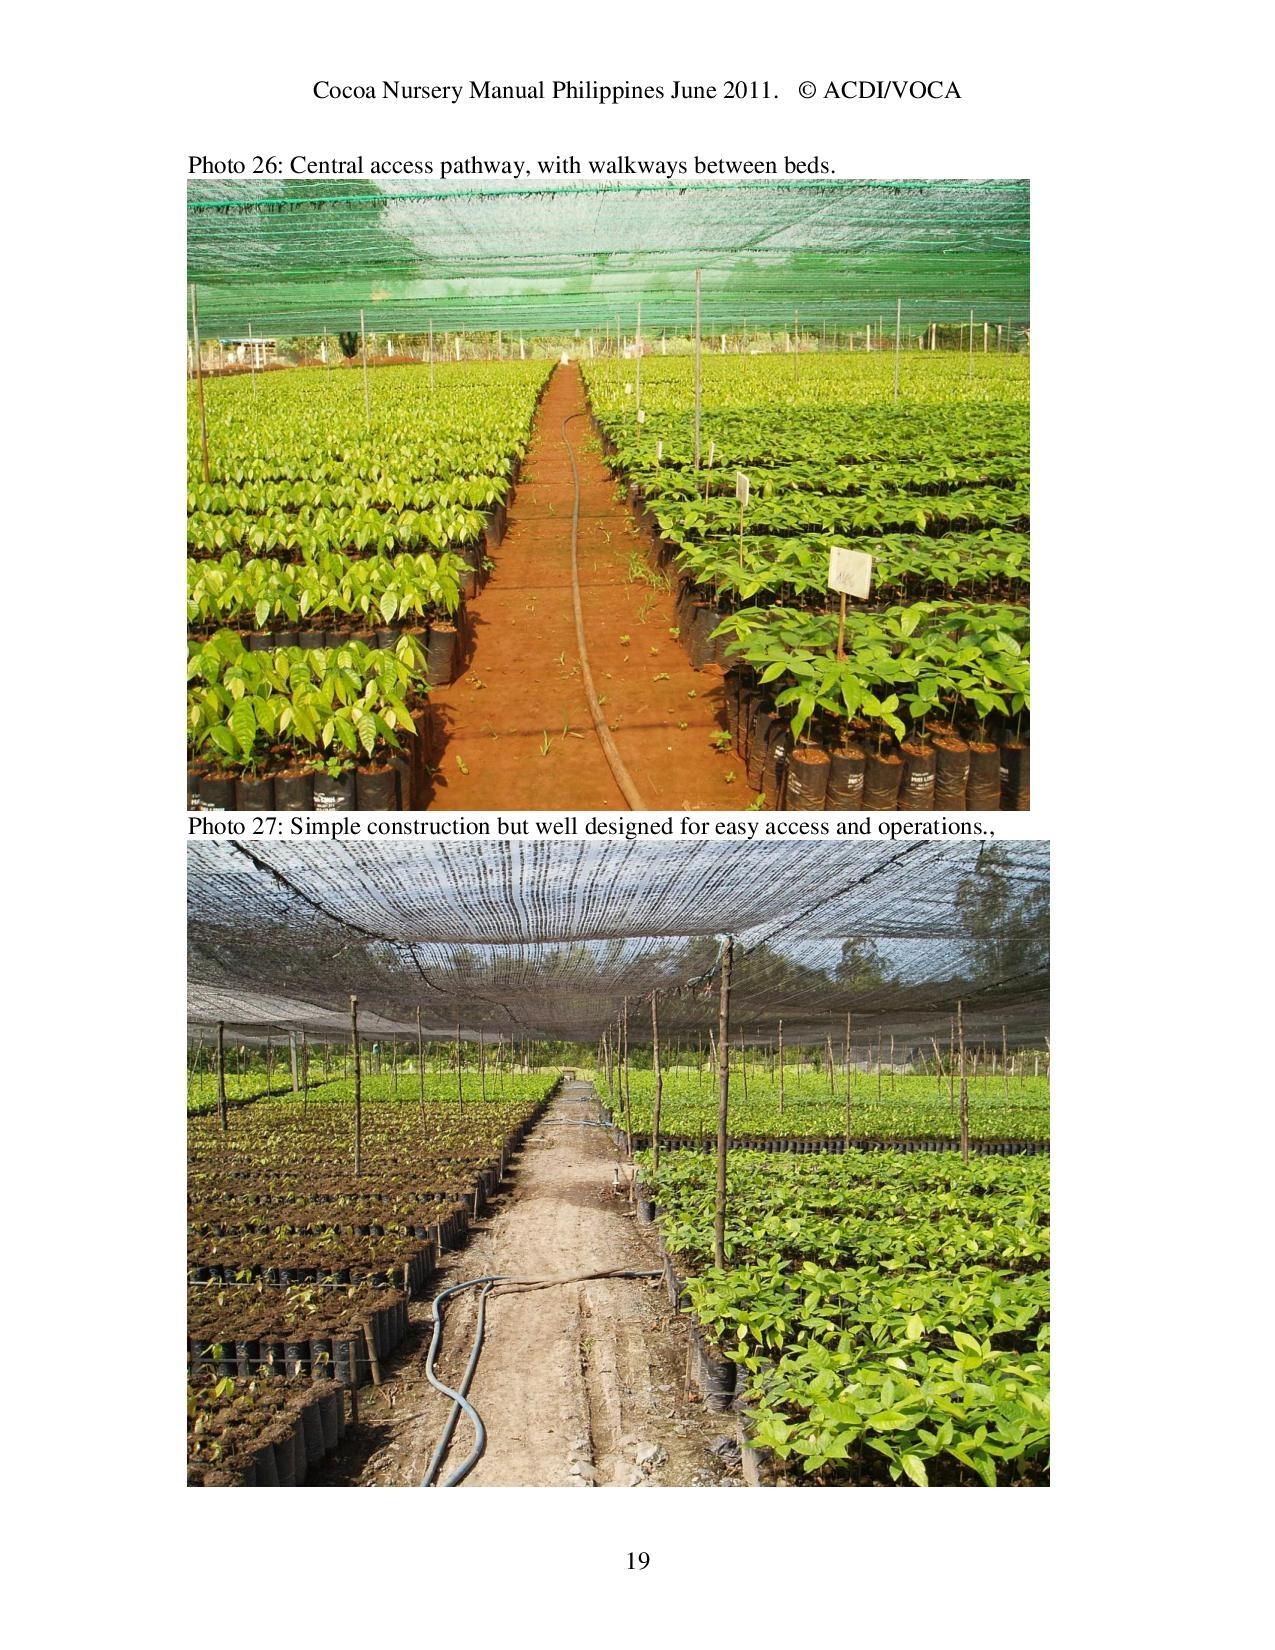 Cocoa-Nursery-Manual-2011_acdi-voca-page-019